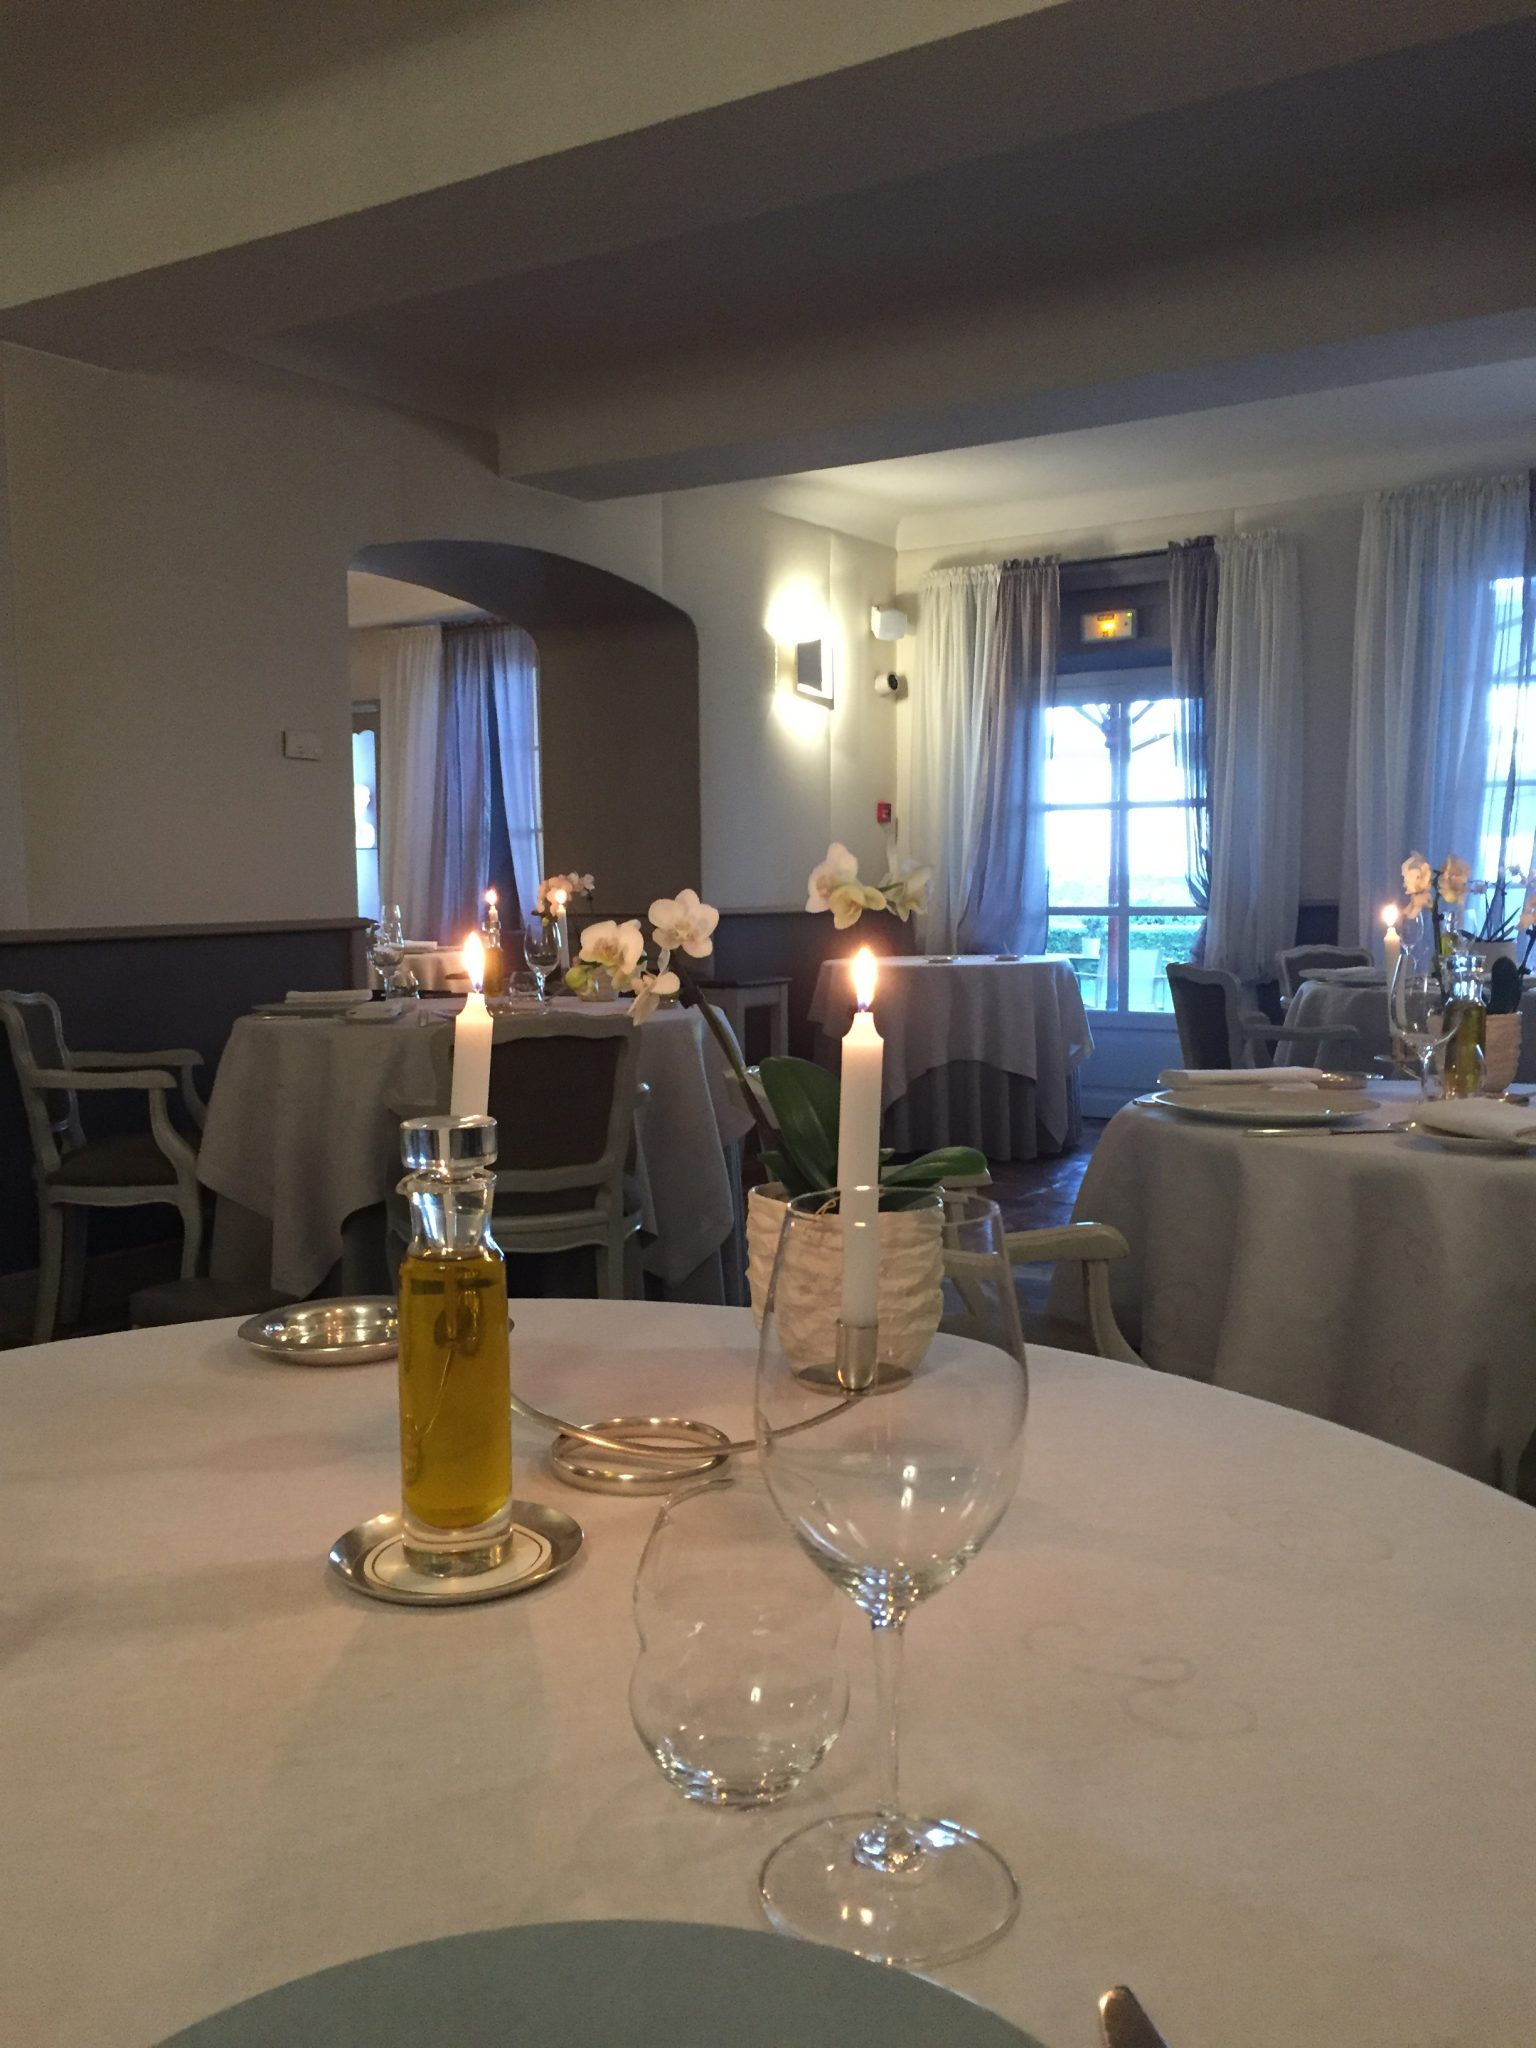 La Bastide Saint Antoine, un haut lieu de la gastronomie française sur la Côte d'Azur